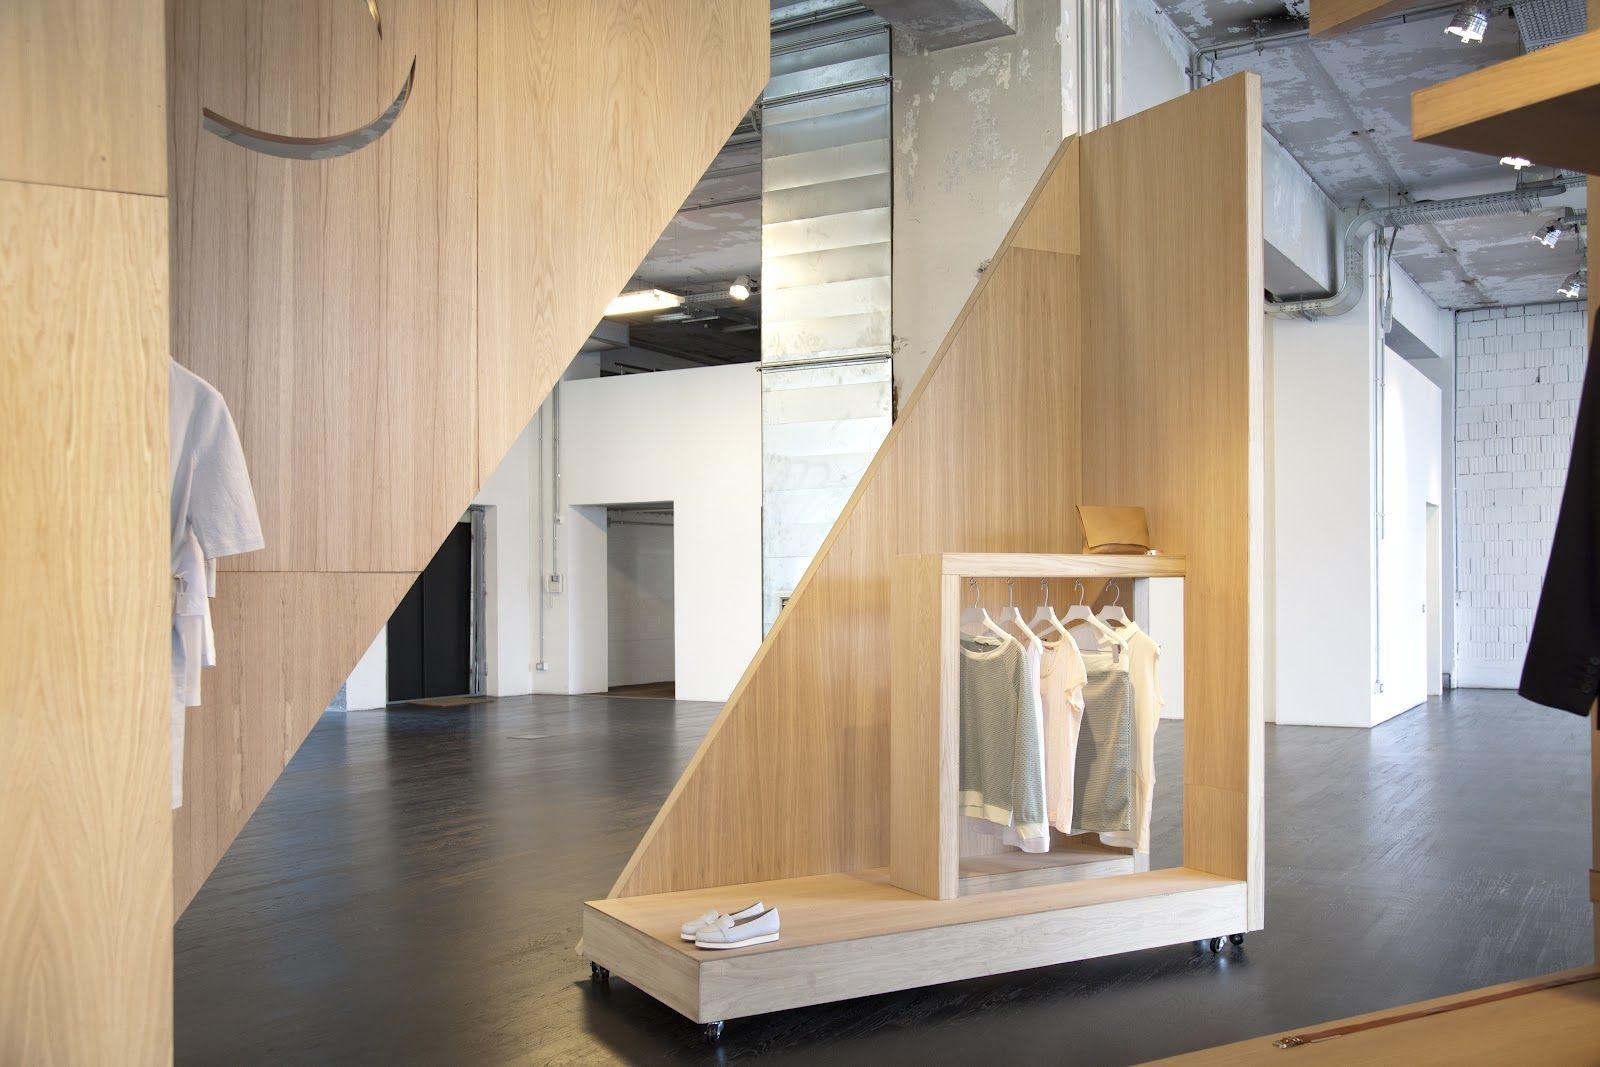 Le concept présenté lors du dernier salon du design de milan ce point de vente éphémère a été conçu par le designer anglais gary card essentielle